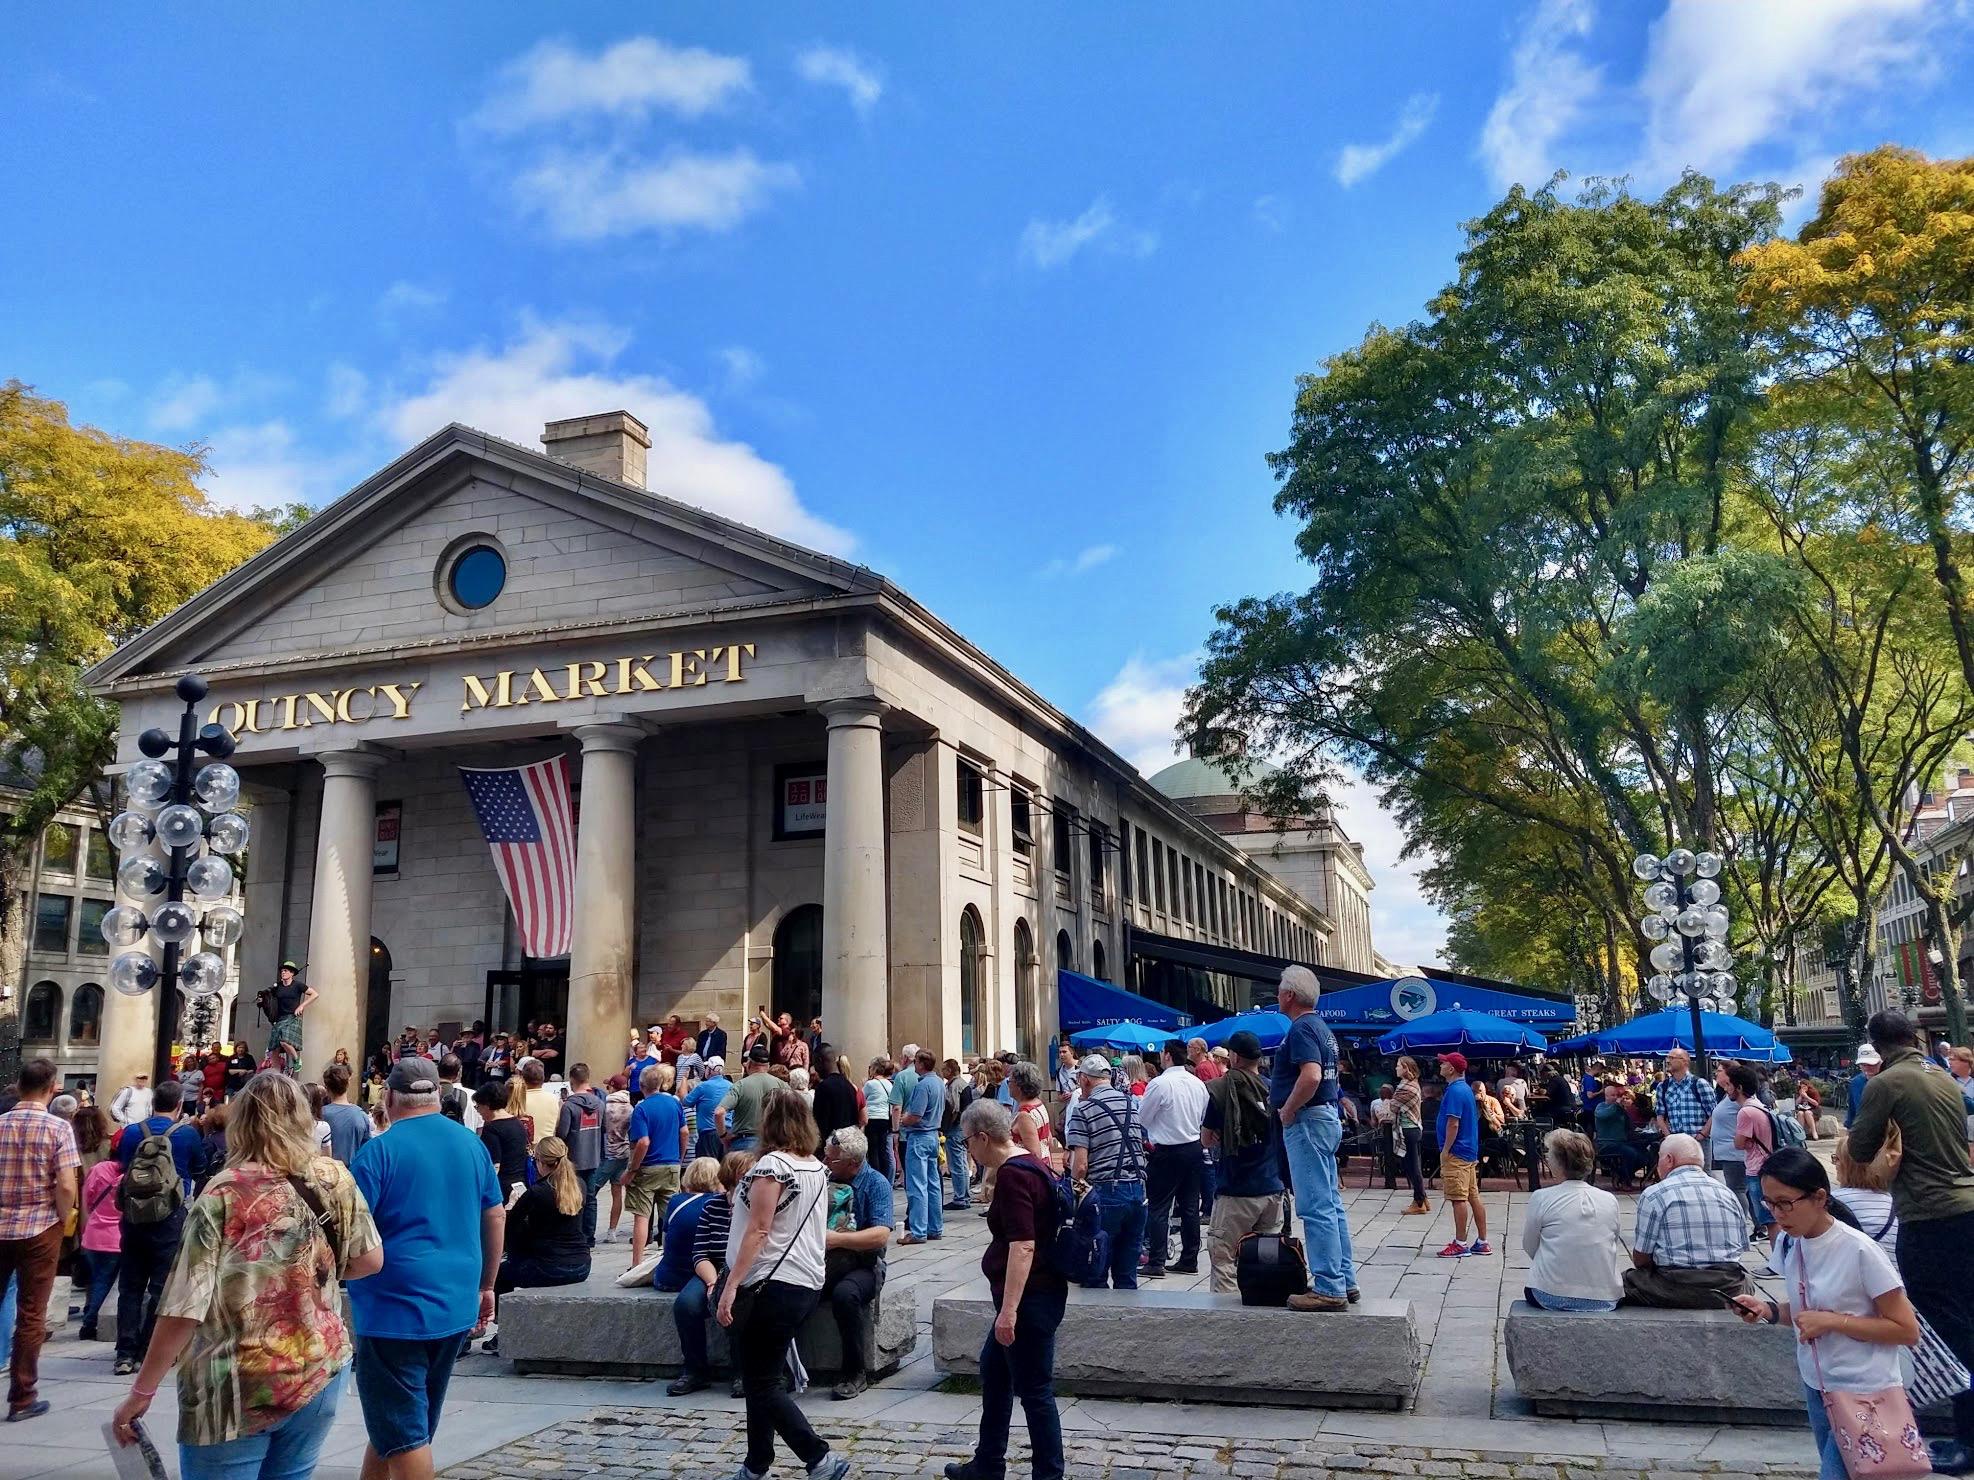 Een gezellige drukte rond Quincy Market in Boston